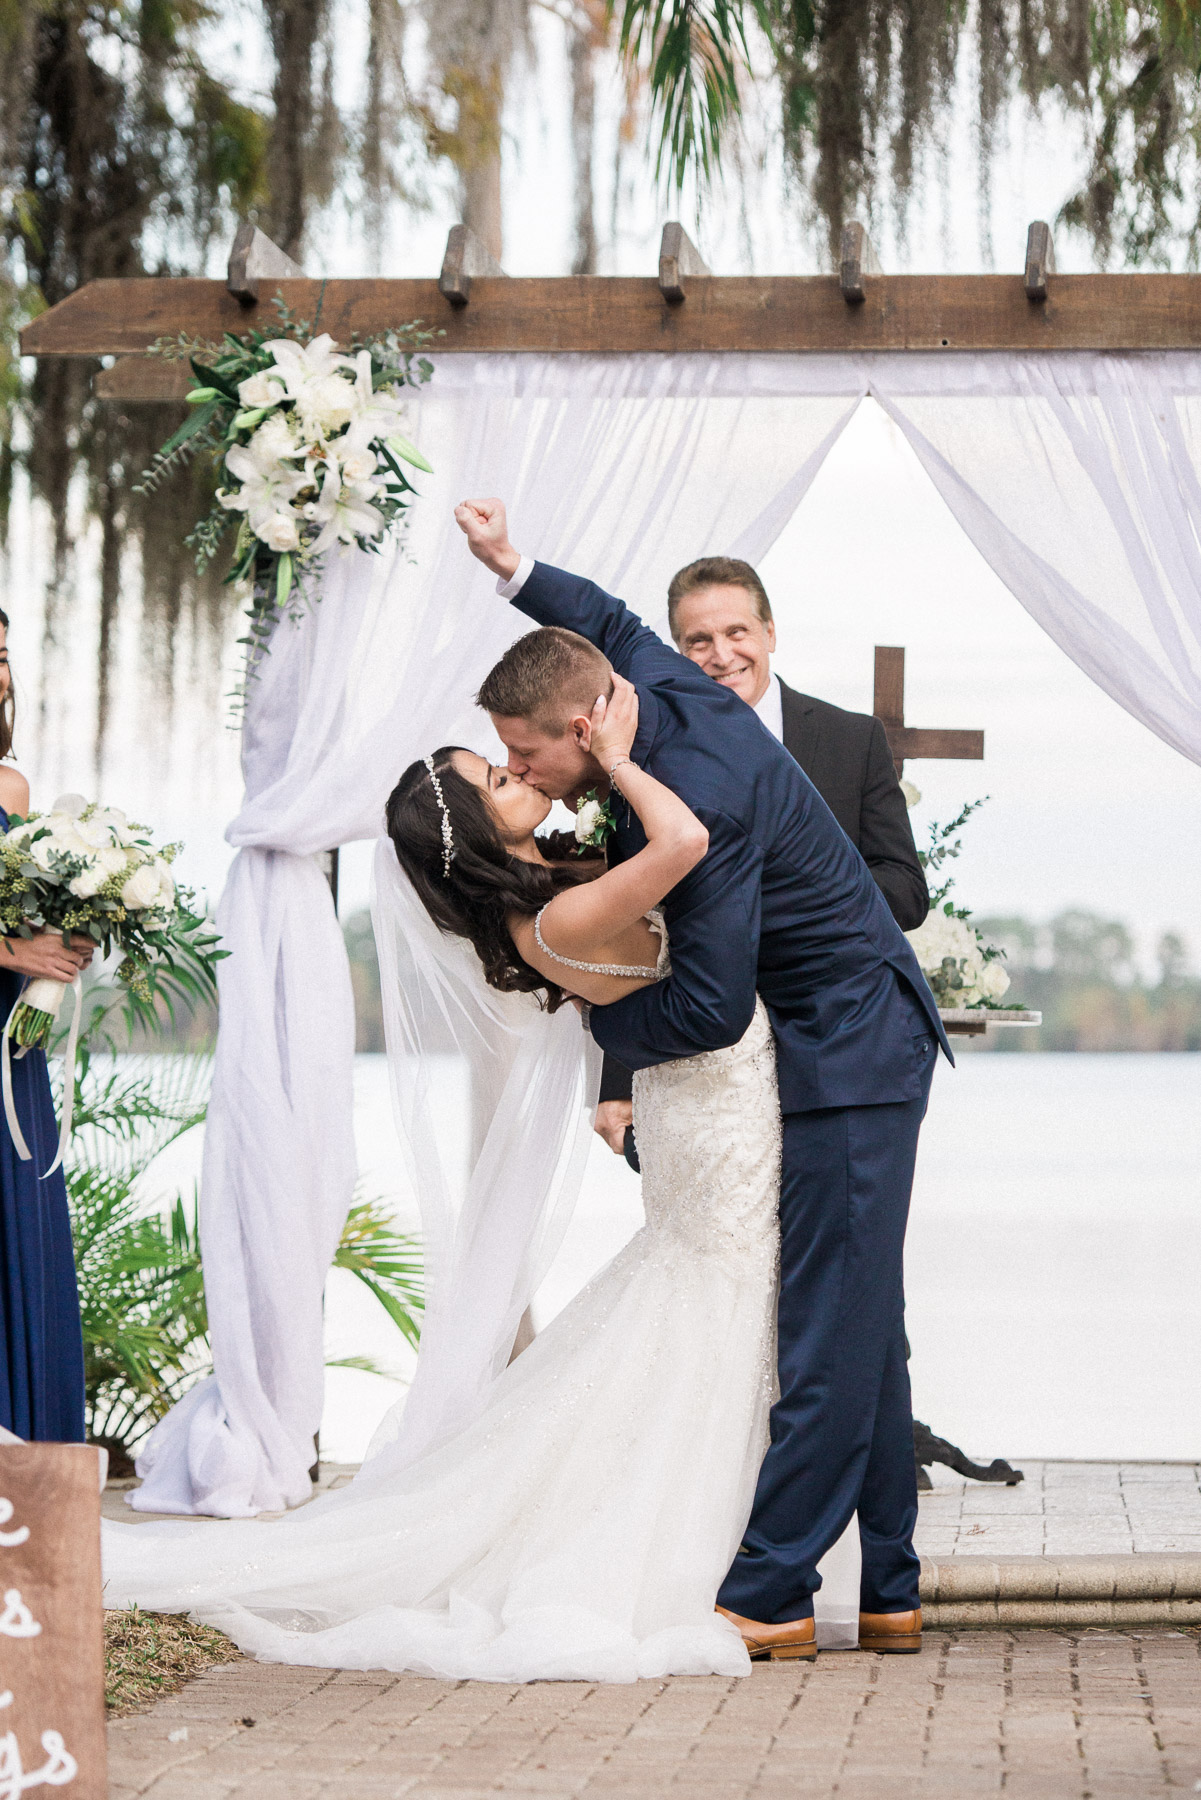 KateTaramykinStudios-Portfolio-Weddings-ParadiseCove-6.jpg